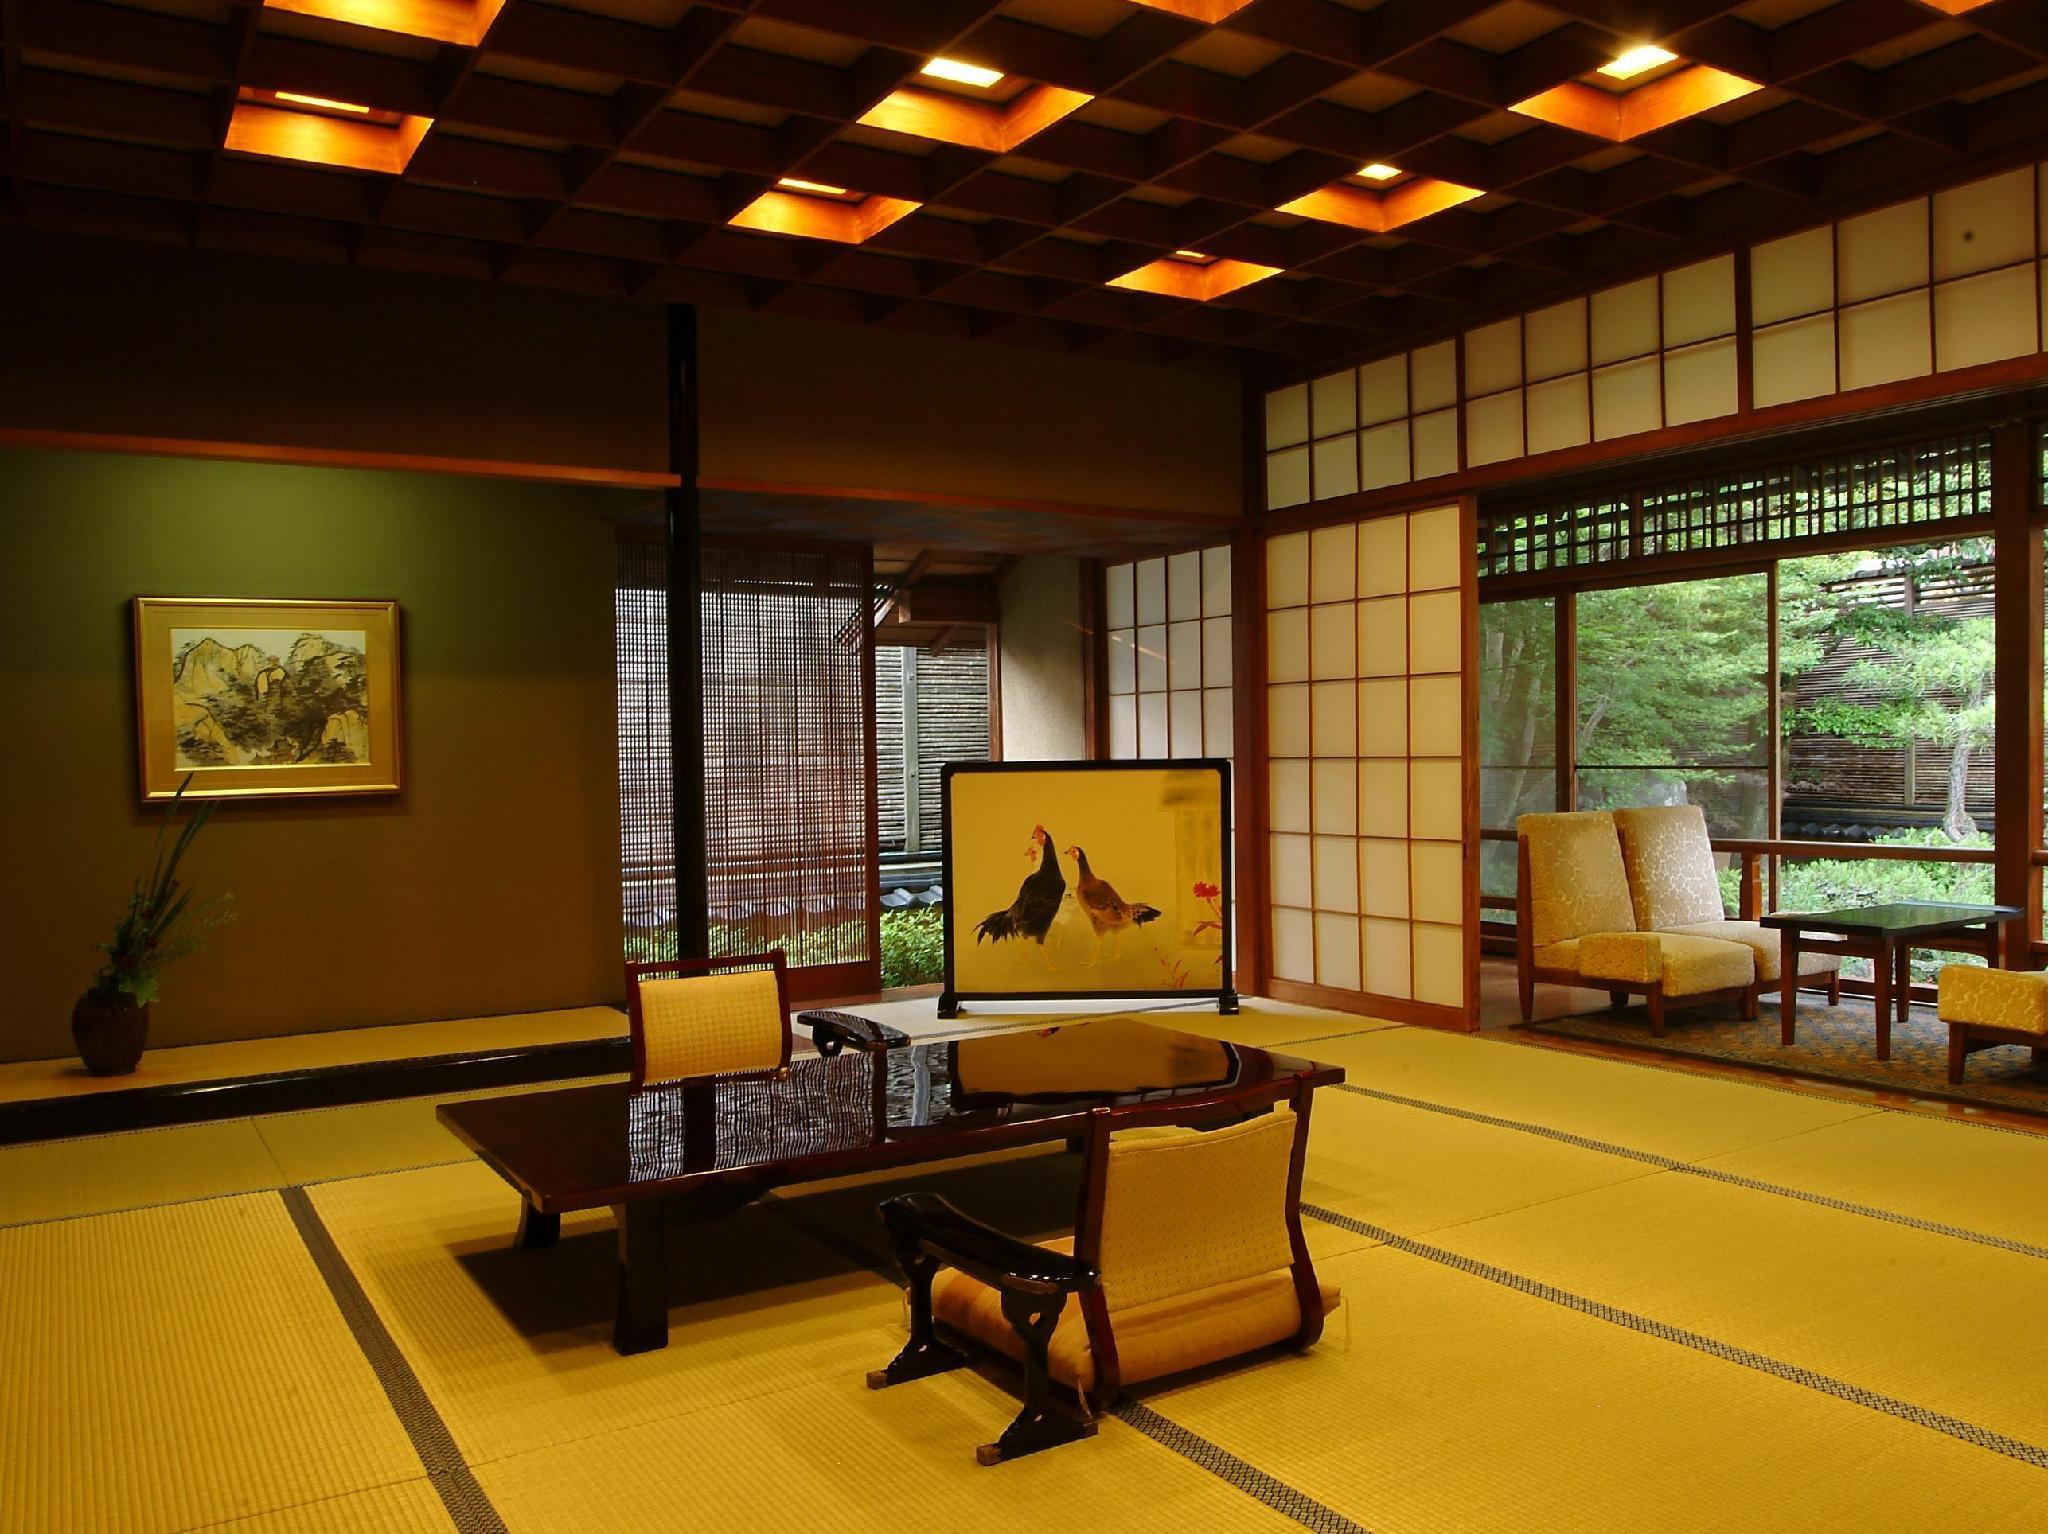 http://pix6.agoda.net/hotelImages/222/222153/222153_14062815560020079780.jpg